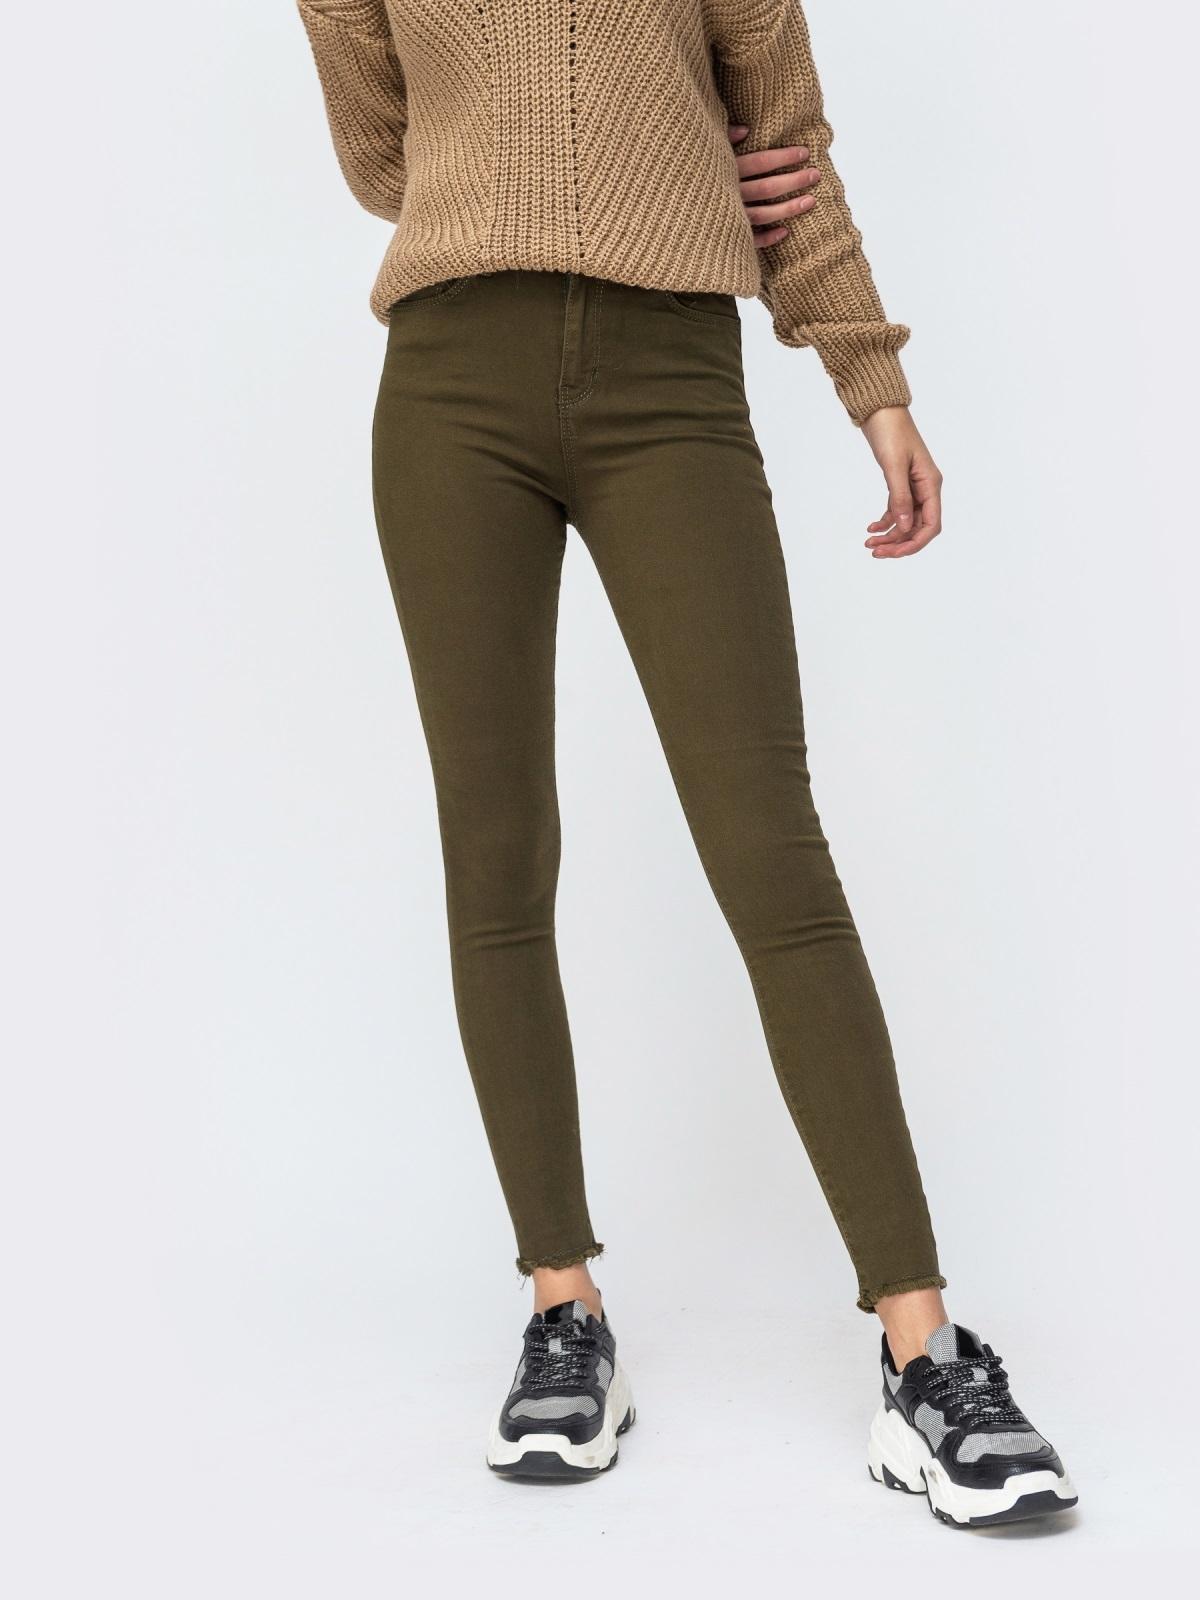 Джинсы-скинни цвета хаки с завышенной талией - 43100, фото 1 – интернет-магазин Dressa